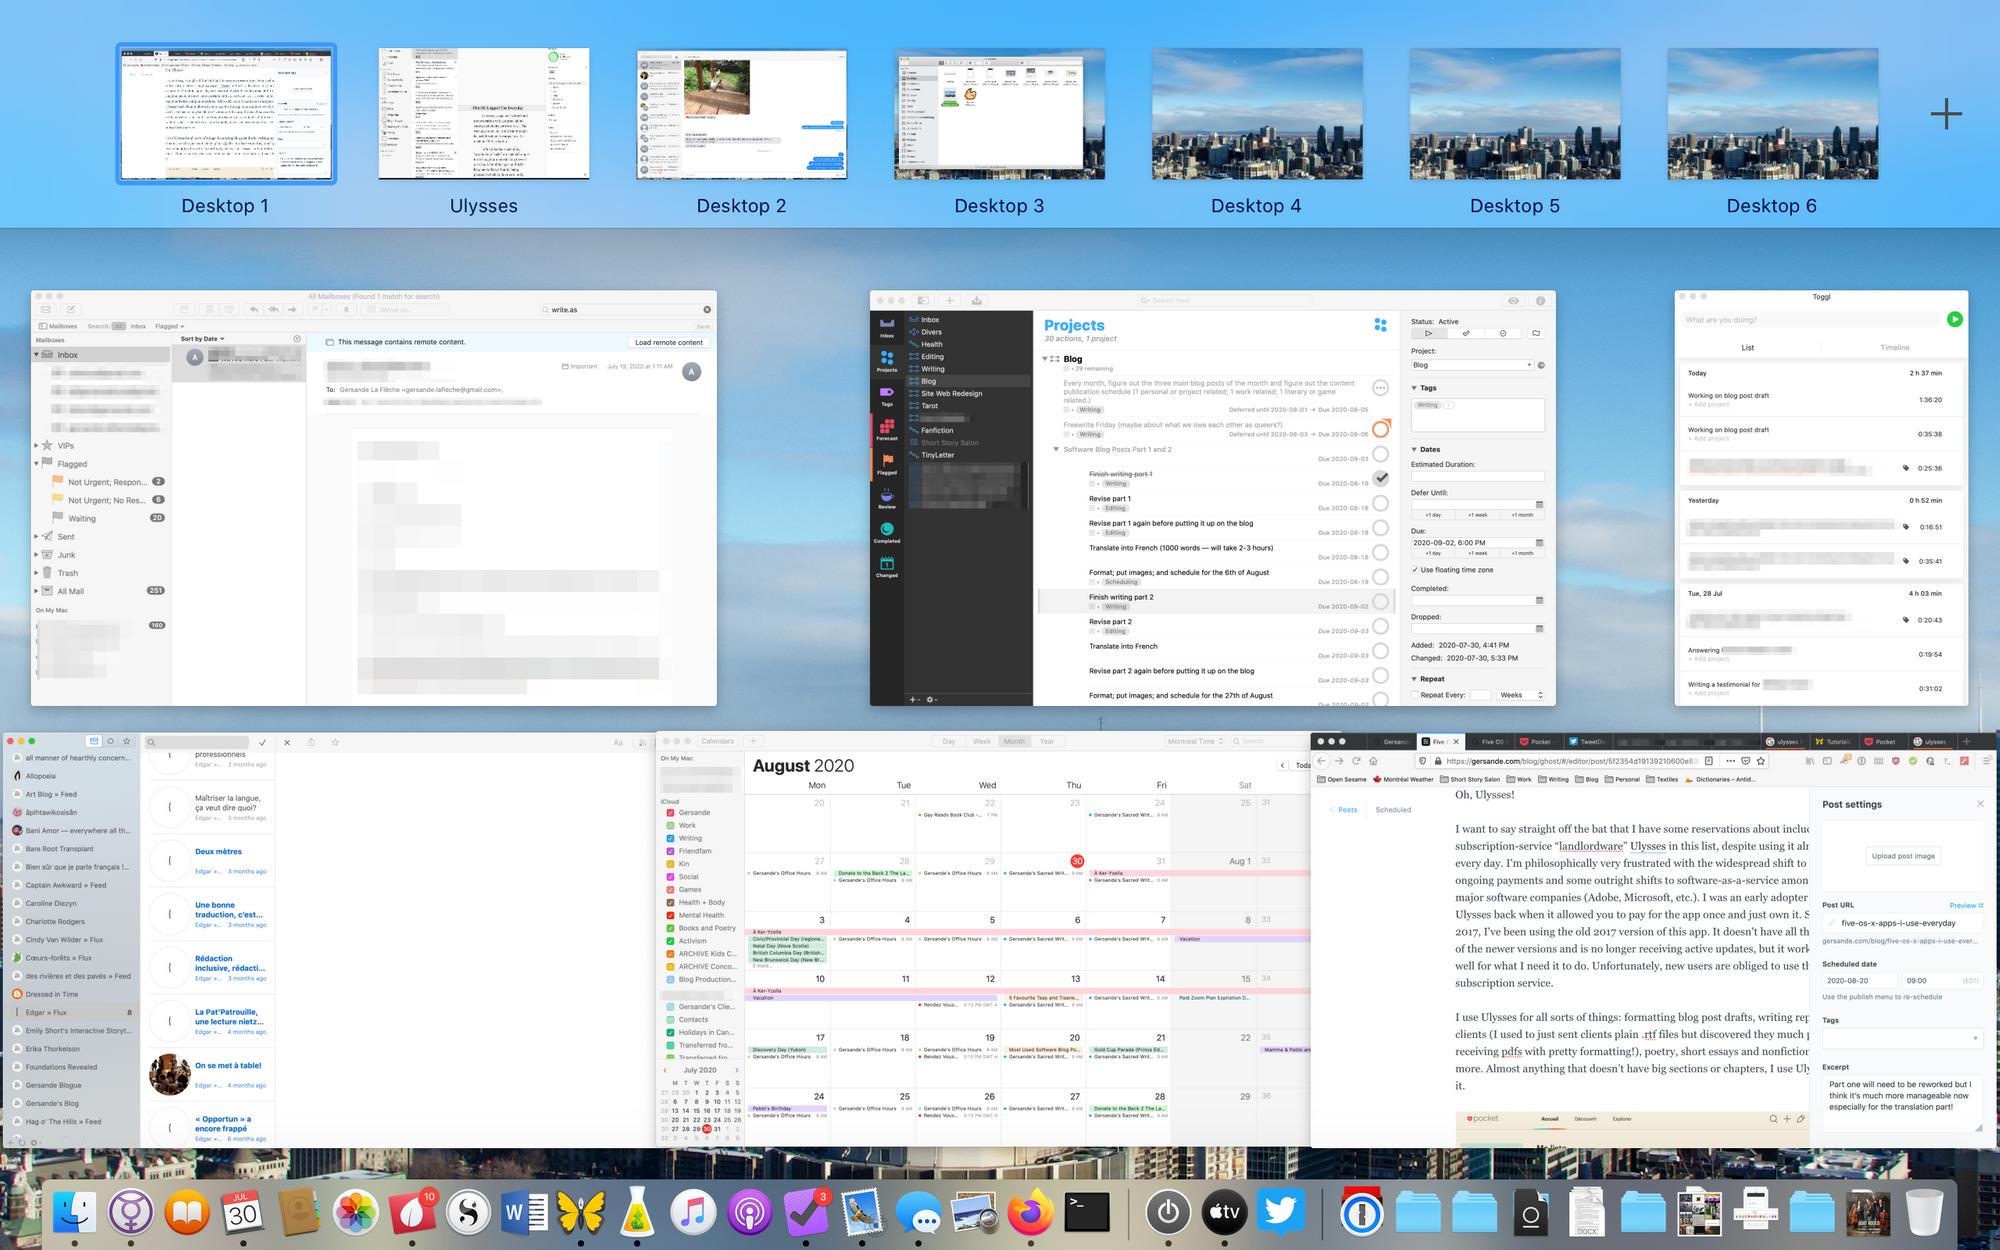 Cinq logiciels OS X pour l'écriture et la productivité que j'utilise chaque jour